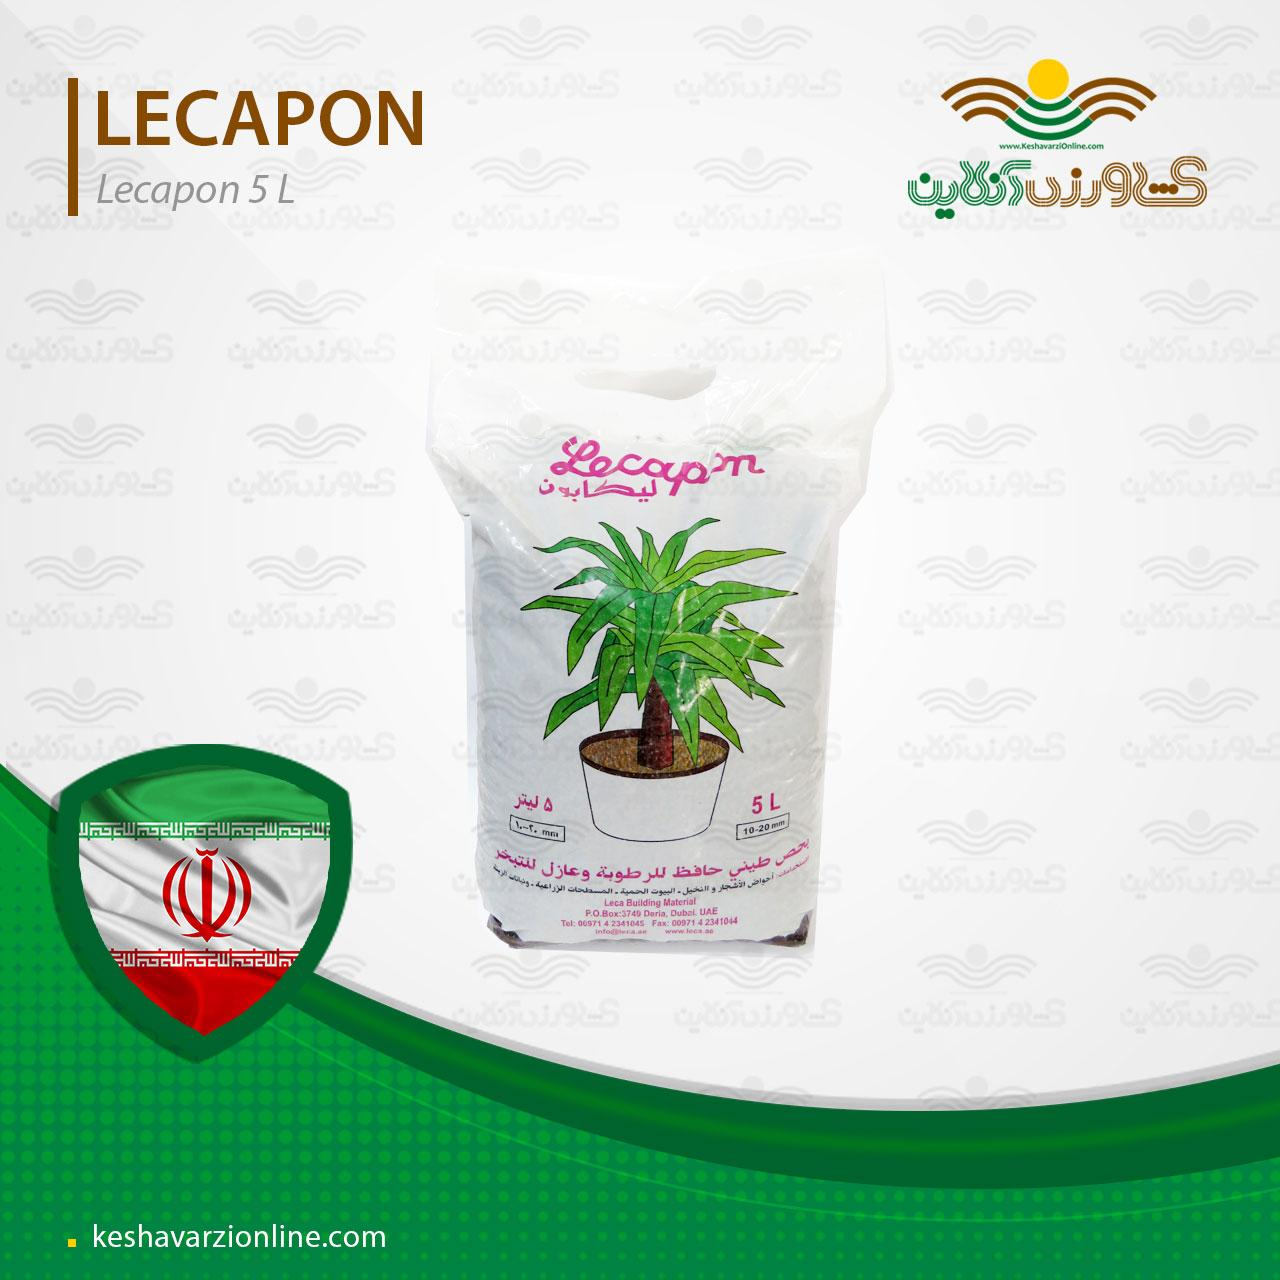 بهترین خاک بستر کشت هیدروپونیک لیکاپون